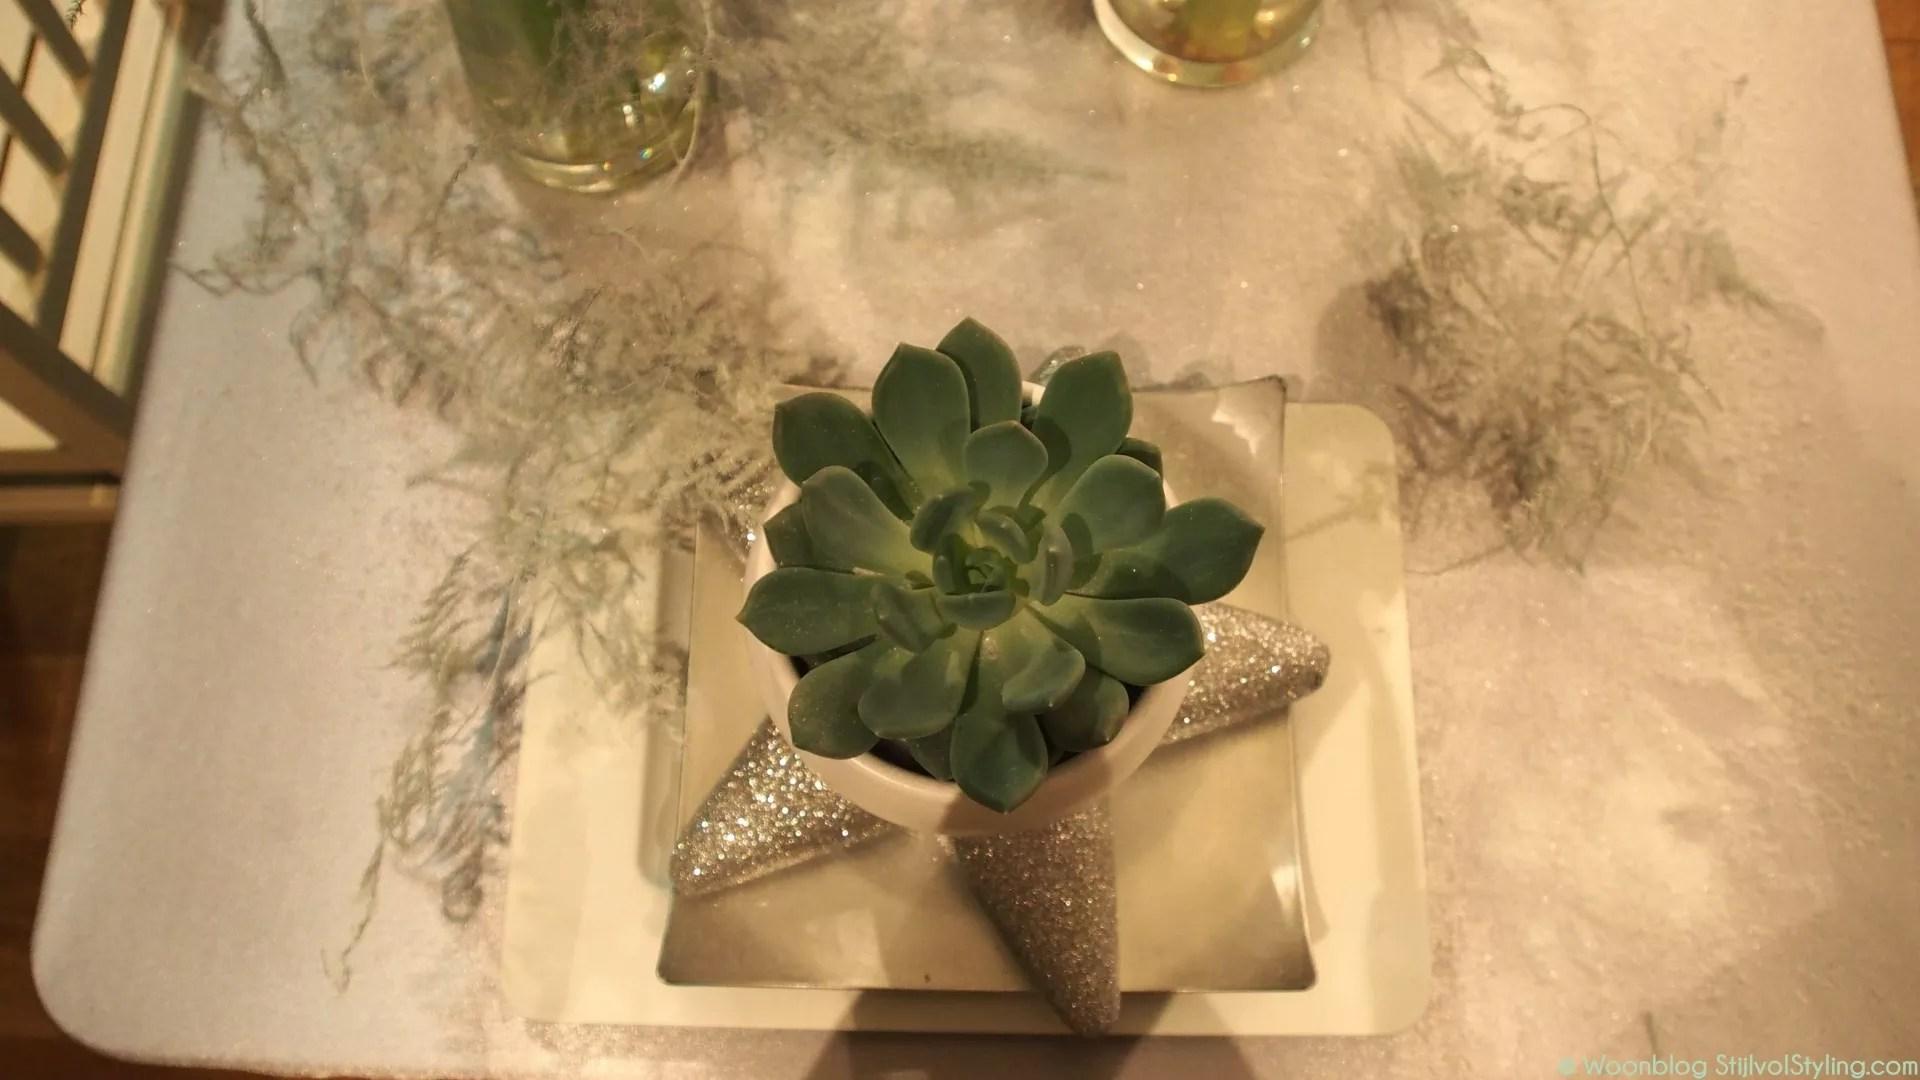 Feestdagen Kersttafel Aankleden : Groen wonen droom van een witte kersttafel u2022 stijlvol styling